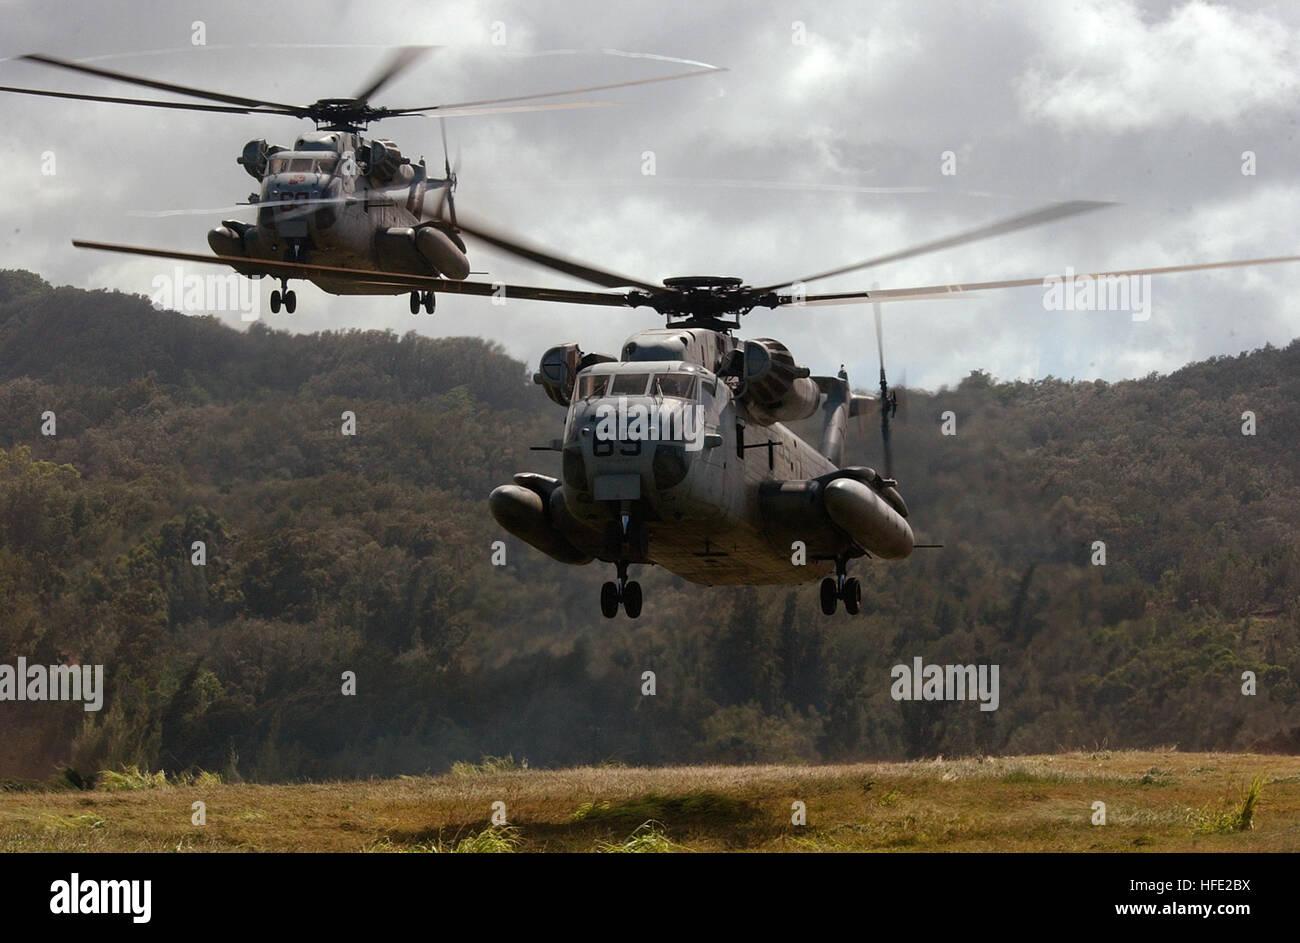 0407017-N-6932B-203 Kahuku Training Area Oahu, Hawaii (July 17, 2004) - CH-53D Sea Stallion helicopters assigned Stock Photo